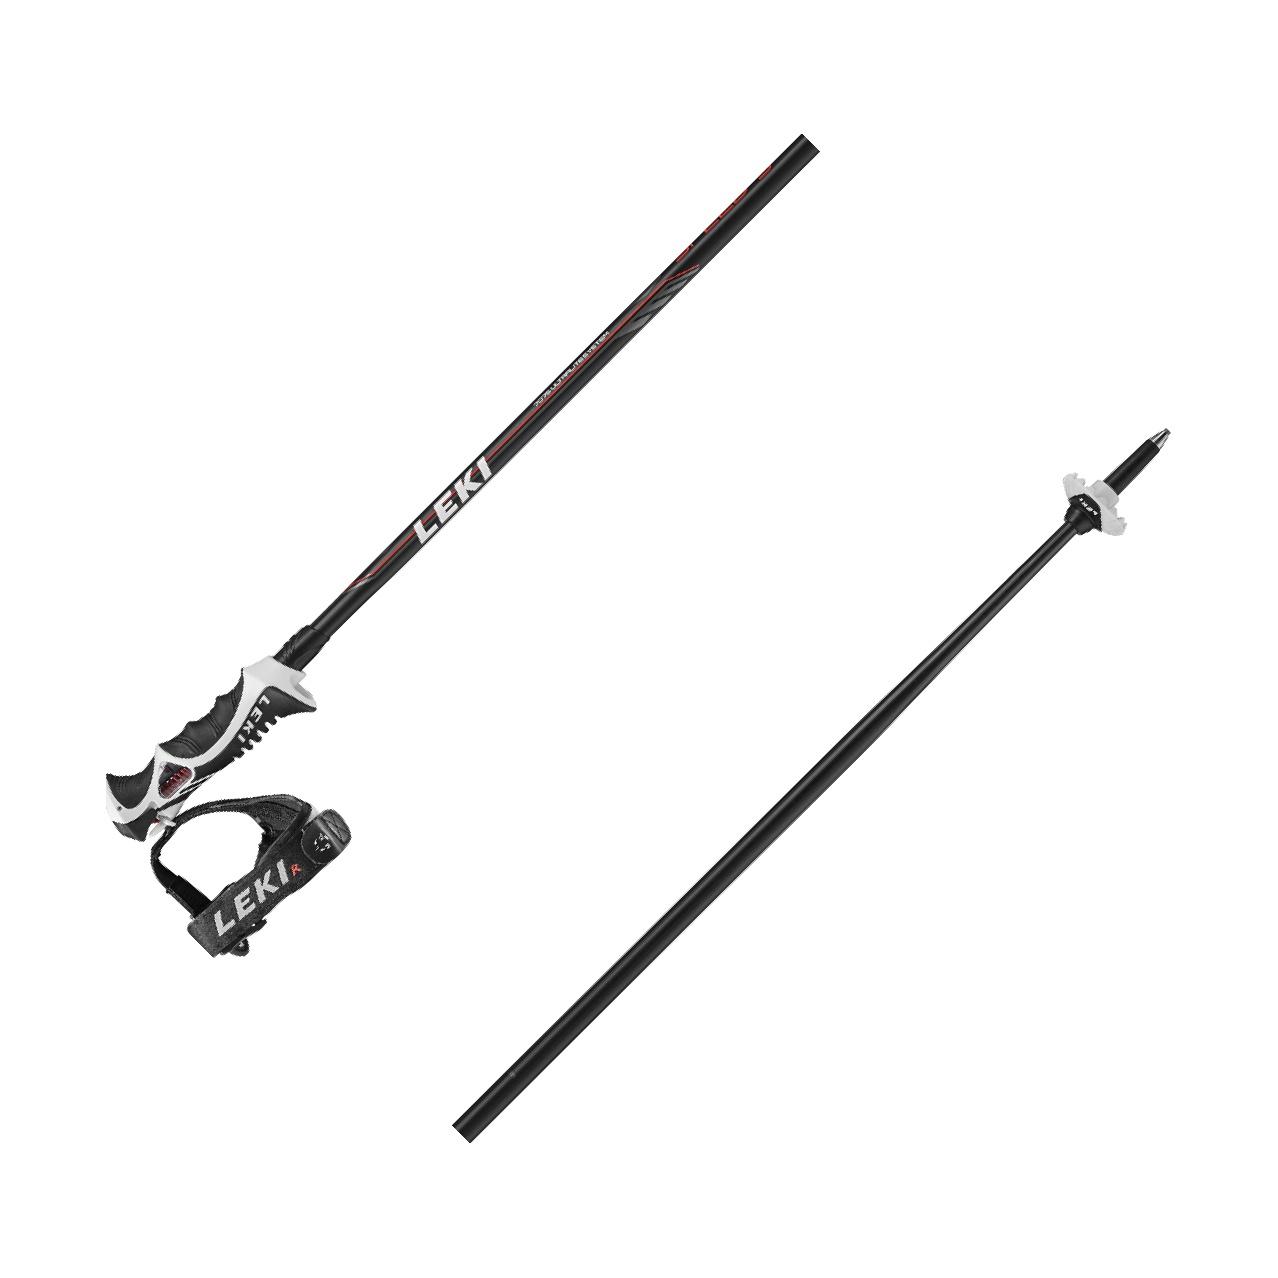 Leki Speed S / 14 mm Rohr - Unisex Skistöcke mit Trigger S - schwarz/rot